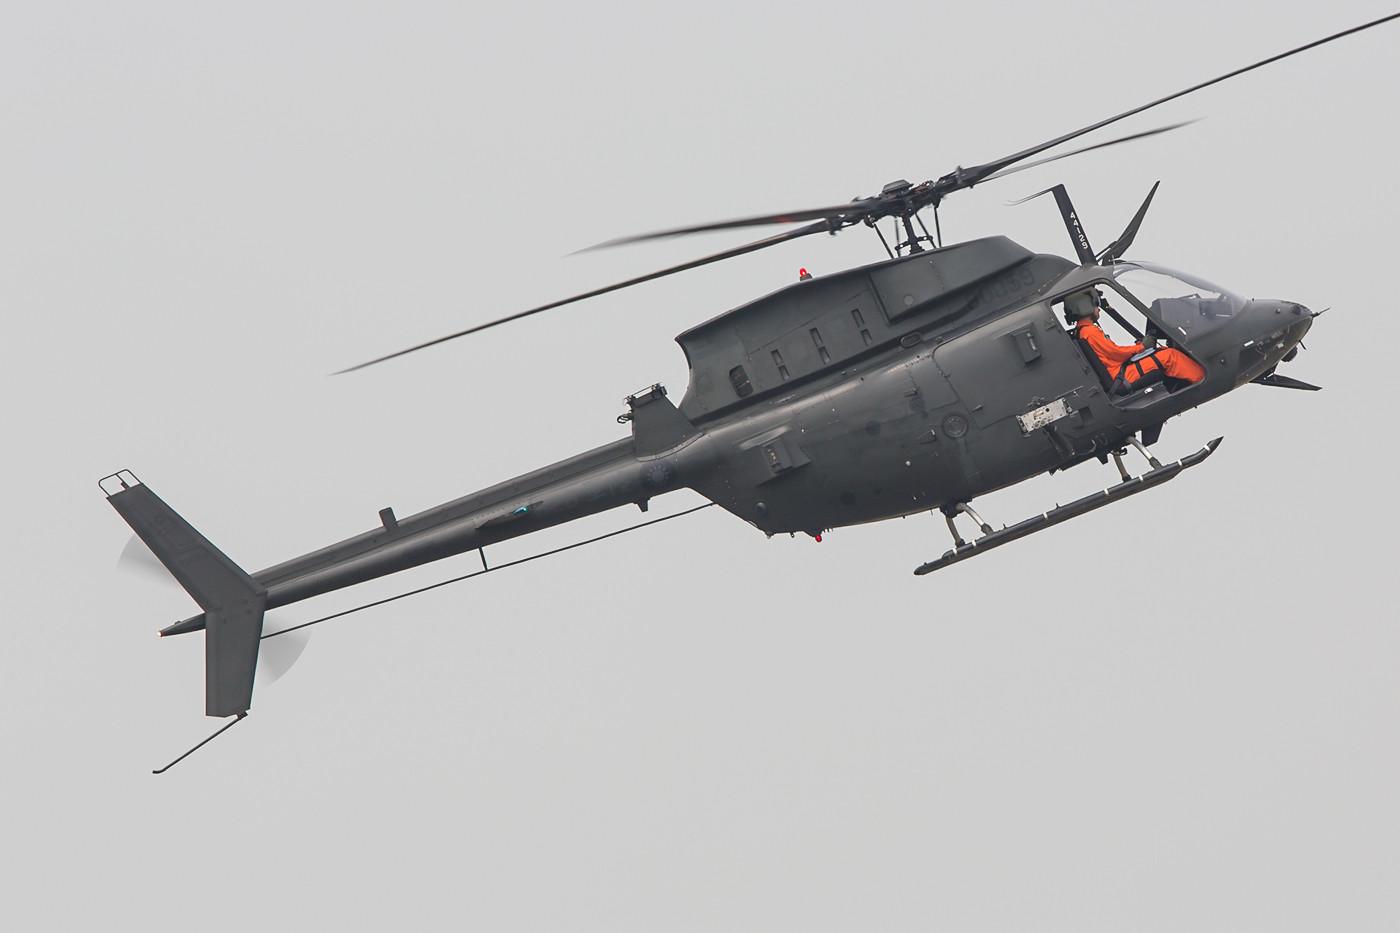 """OH-58D """"Kiowa Warrior"""", auch wenn der ursprüngliche Entwurf schon über 40 Jahre alt ist, sind die Maschinen dank verschiedener Upgrades noch auf der Höhe der Zeit."""